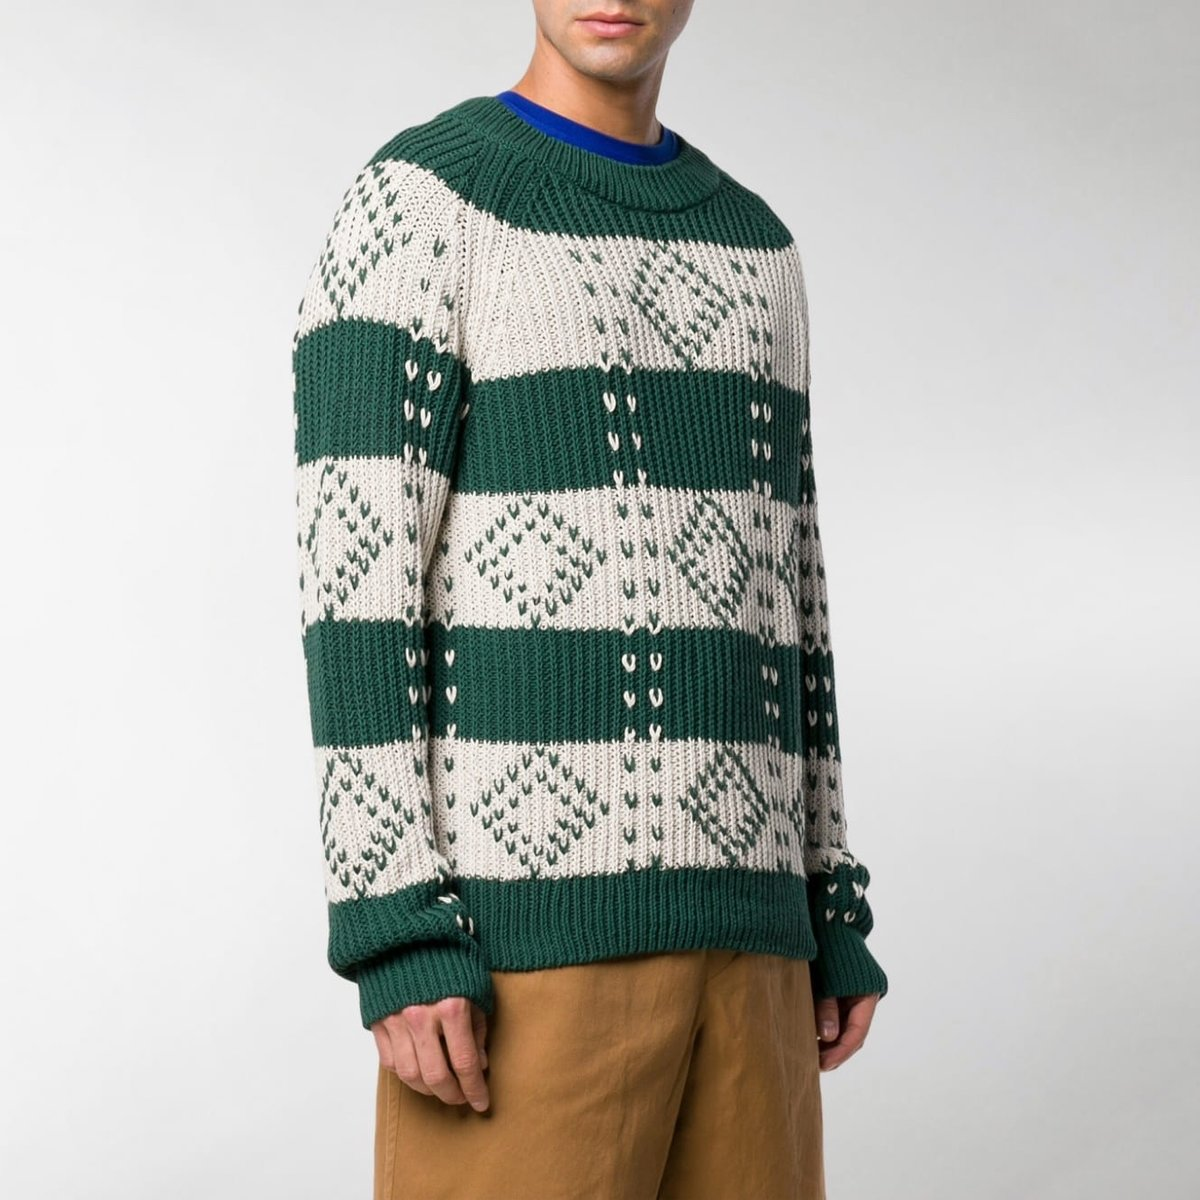 dries-van-noten-striped-knit-jumper_13658805_16670735_1000.jpg